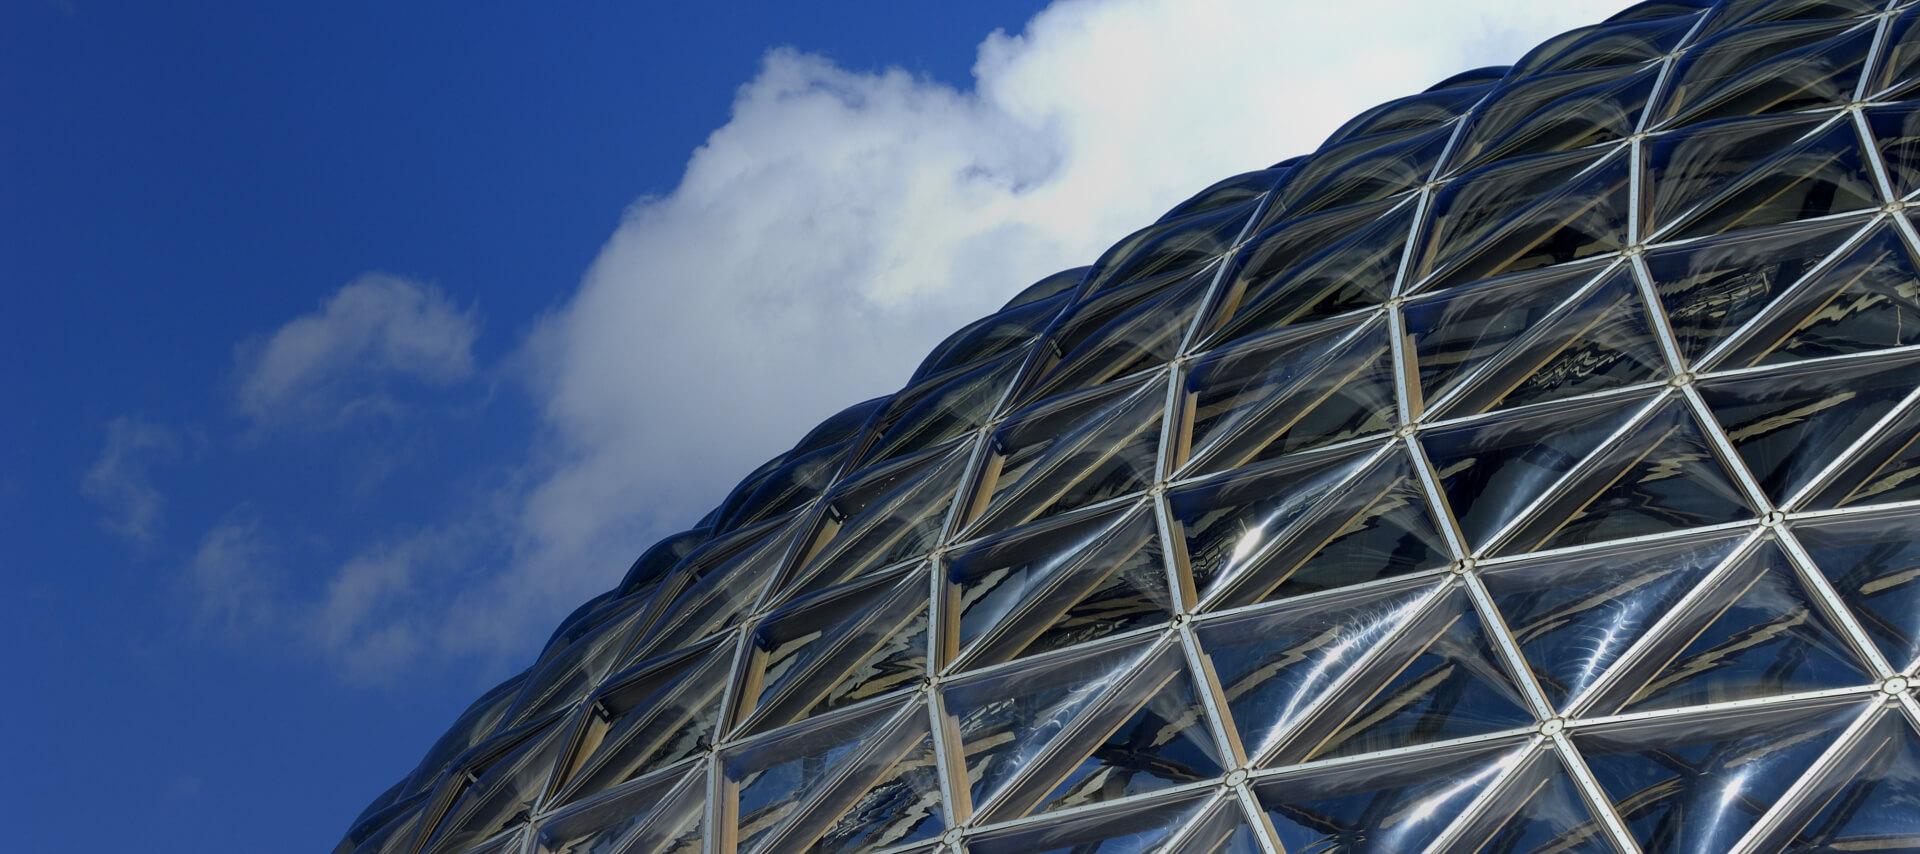 superficie de una cúpula geodésica